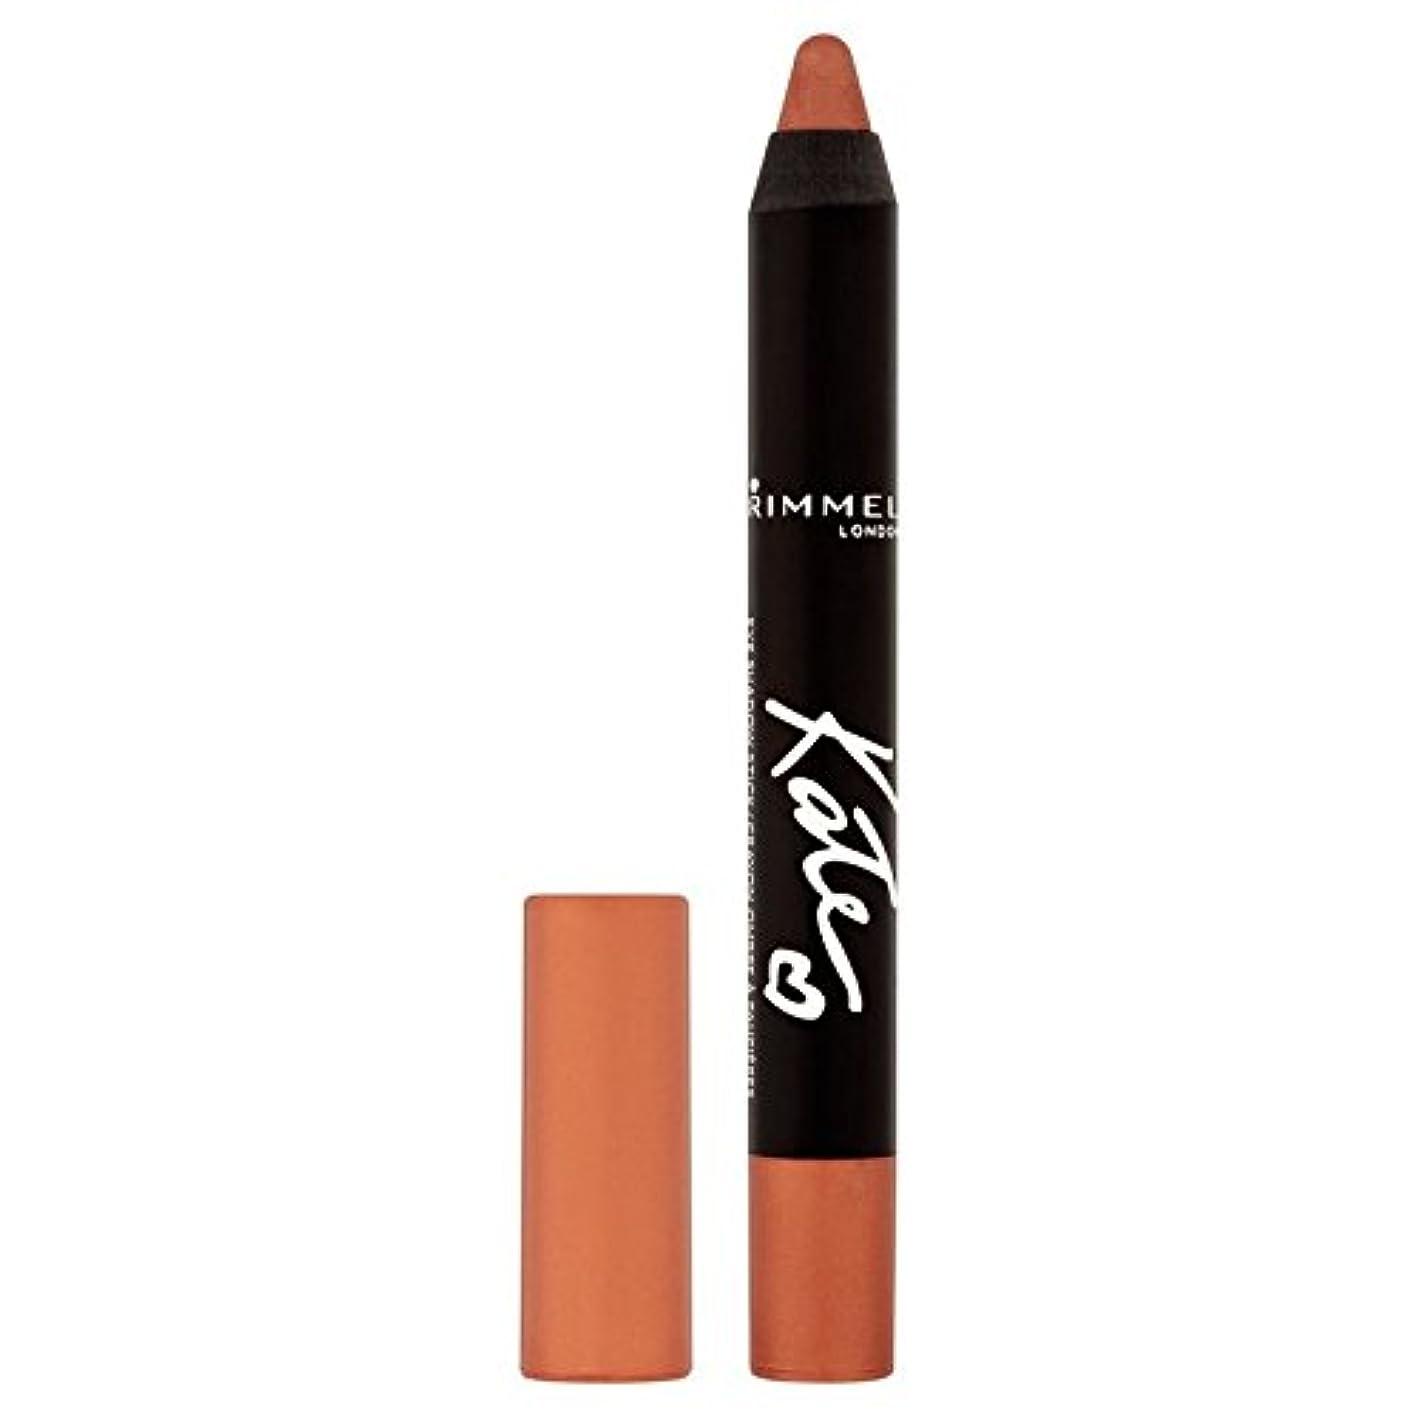 禁輸謝るソートRimmel Scandaleyes Kate Edition Shadow Stick, Rose Gold 3g - リンメルケイト版シャドウスティック、金3グラムローズ [並行輸入品]